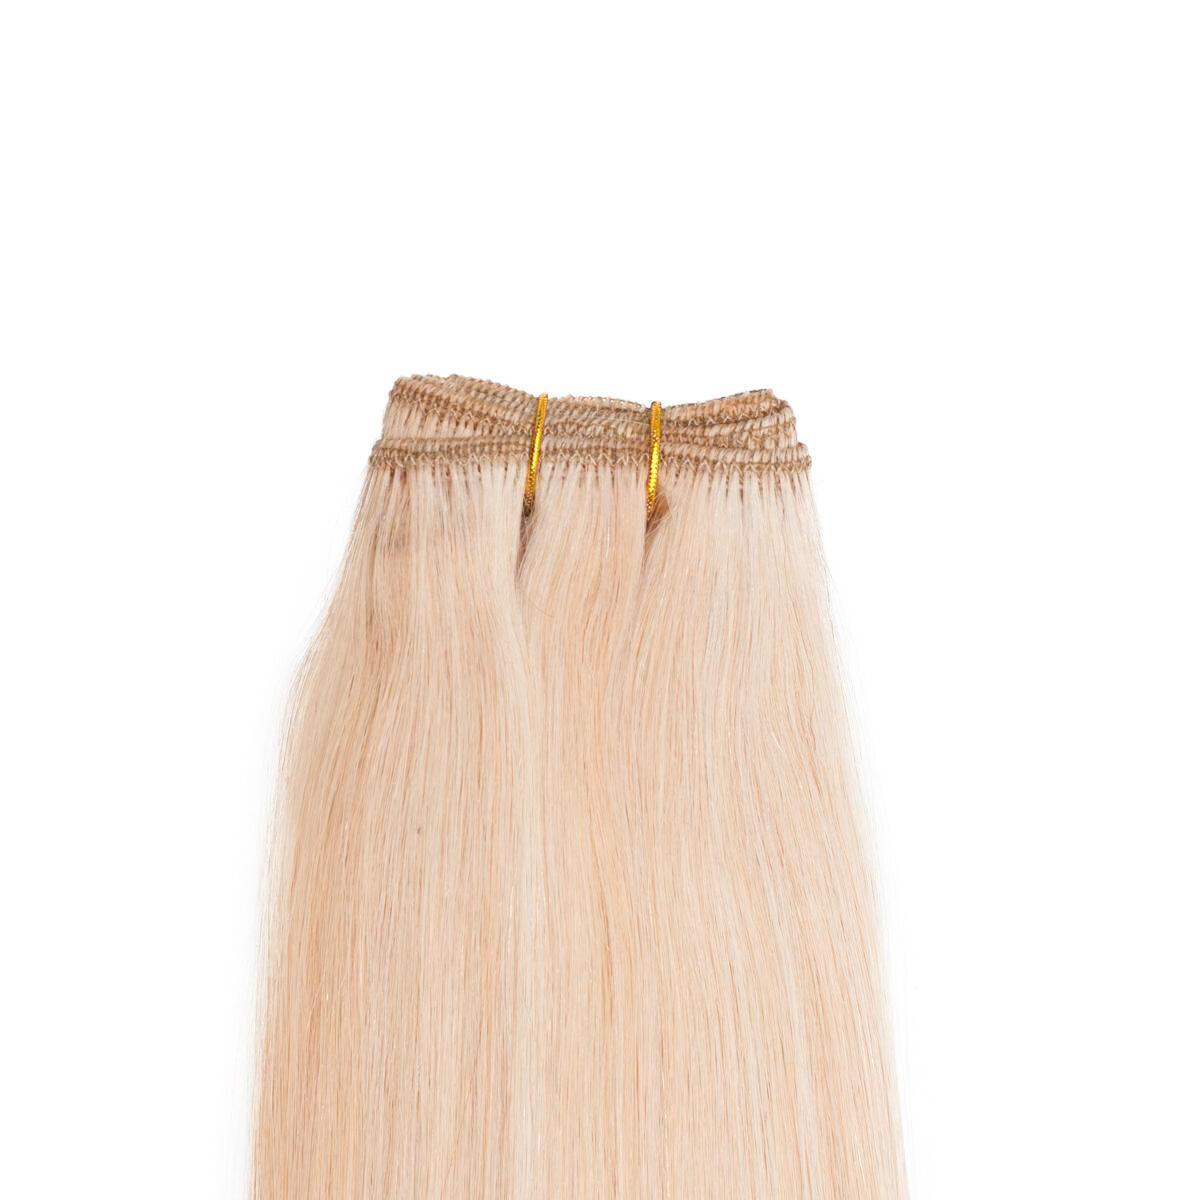 Hair Weft M7.8/10.8 Light Golden Mix 50 cm